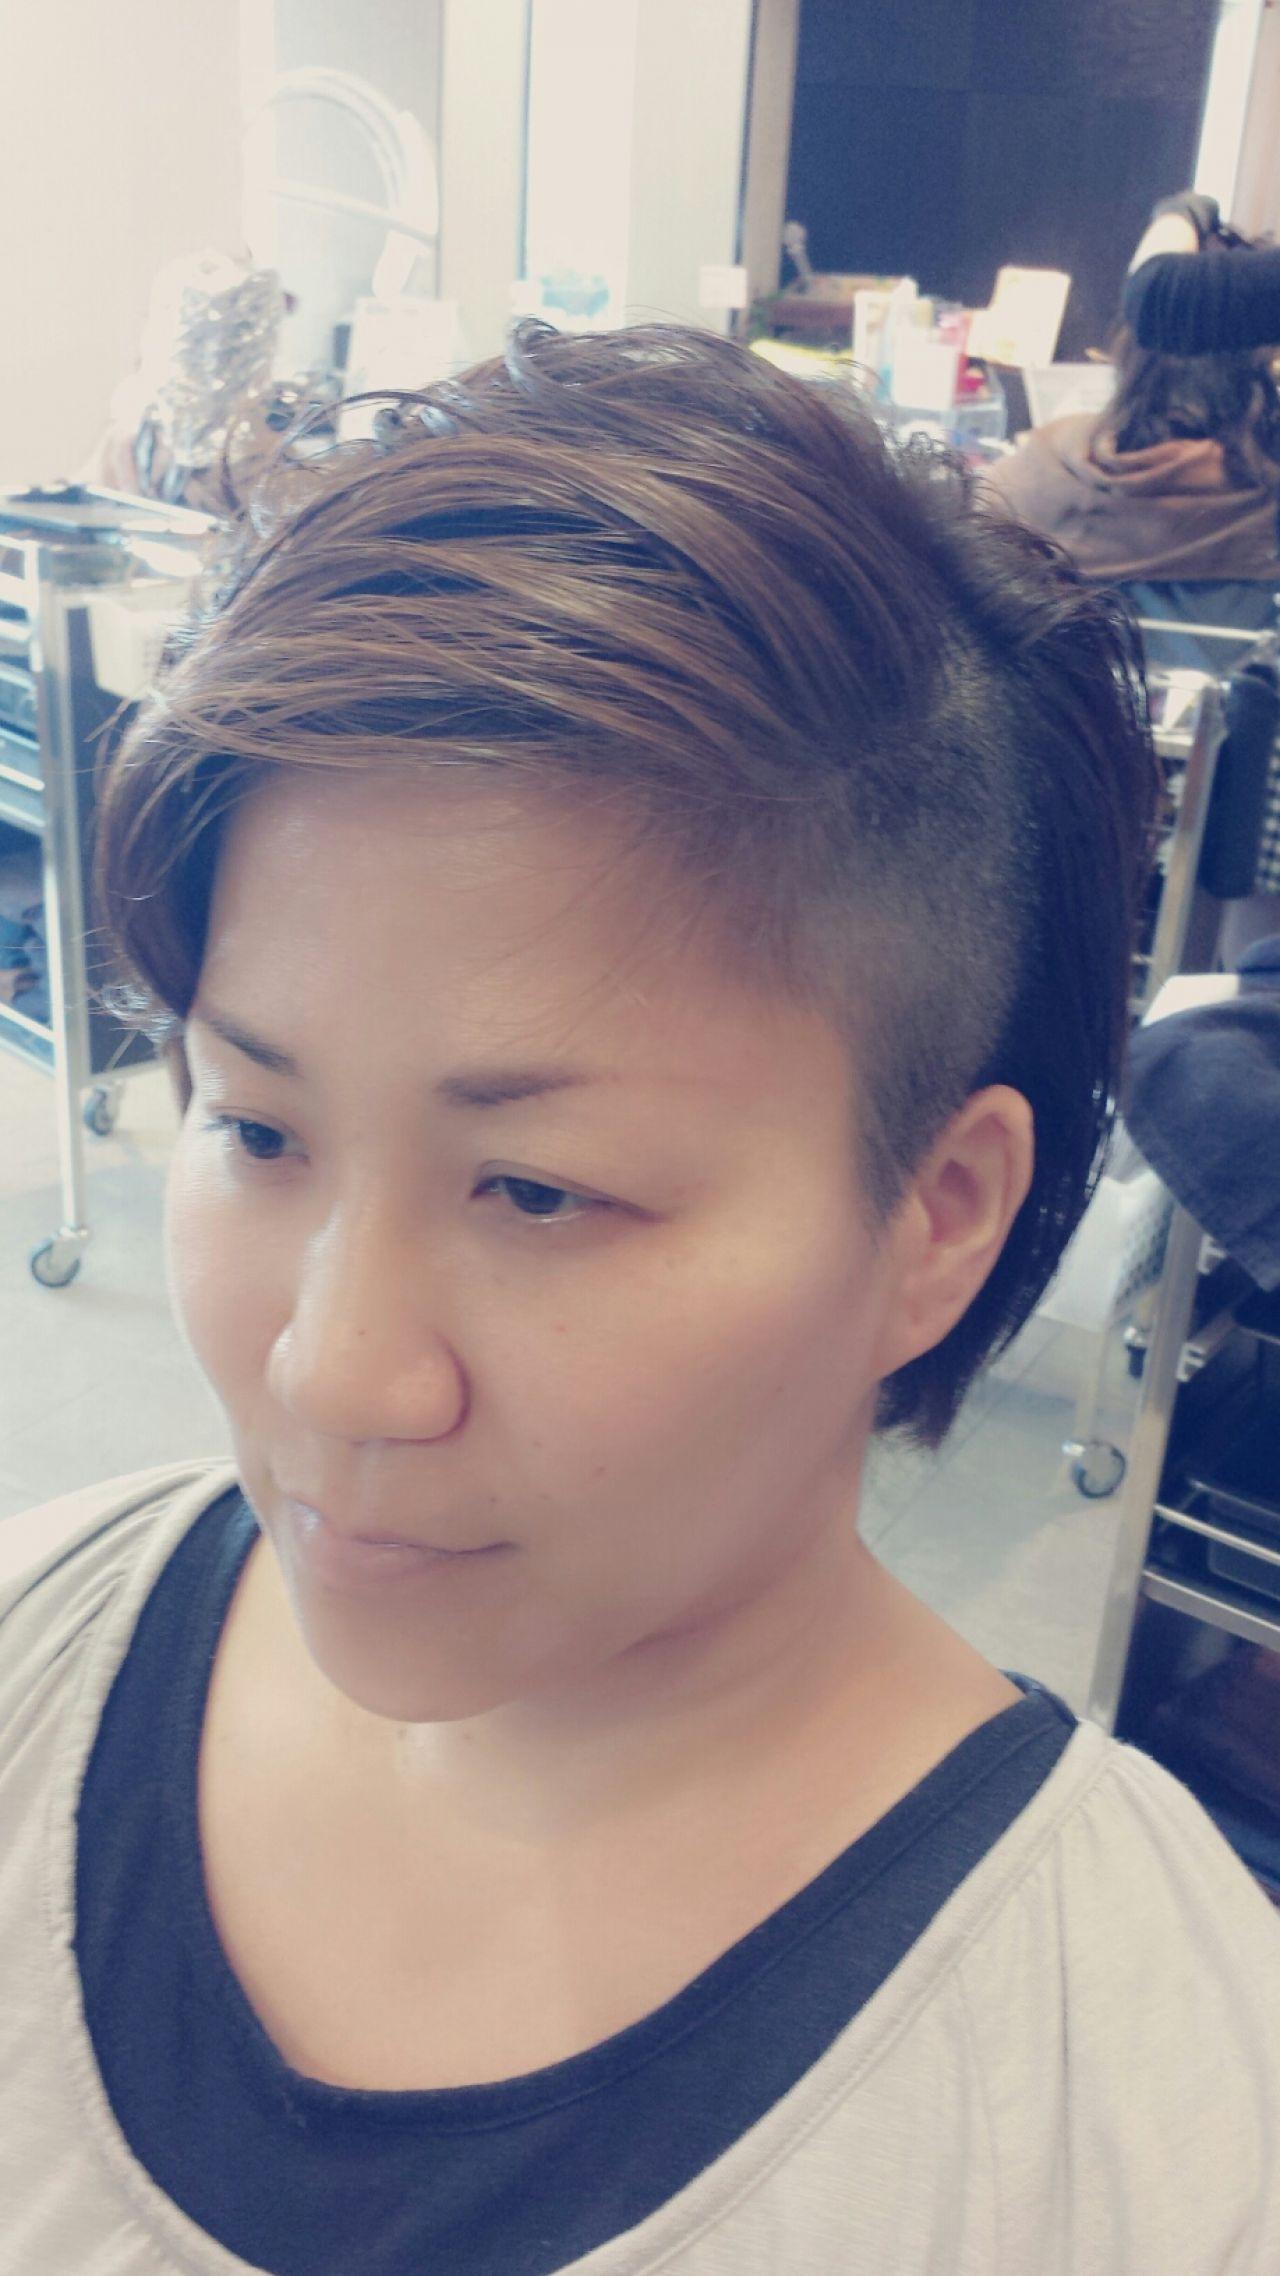 クール女子におすすめ!カッコかわいいソフトモヒカン風の髪型カタログ 財間 翼